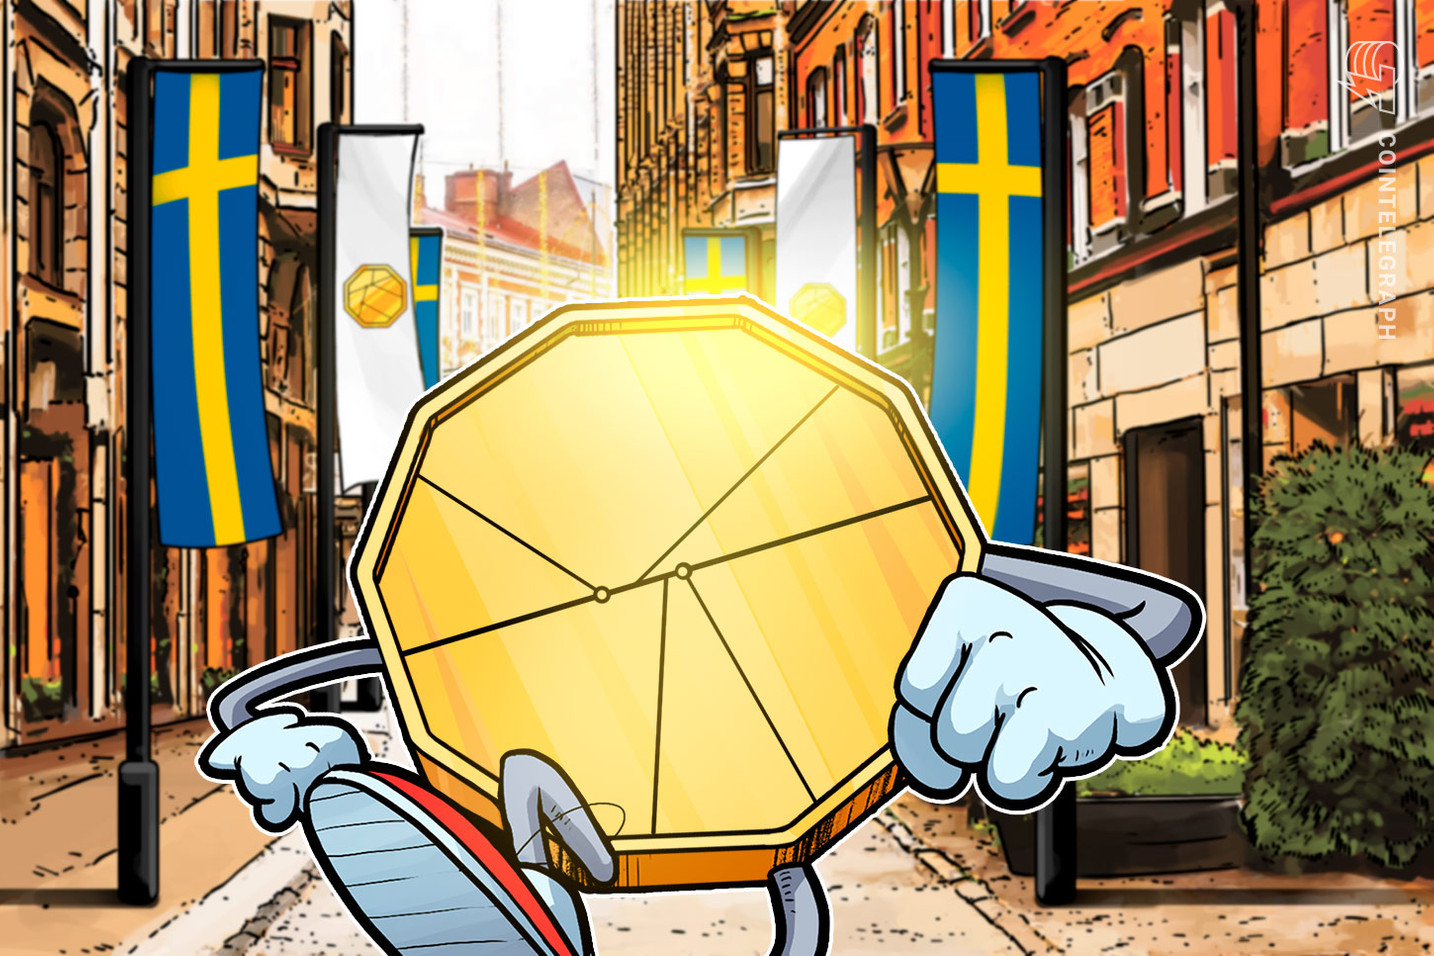 E-Krone – Schweden gibt Update zur geplanten Zentralbank-Digitalwährung